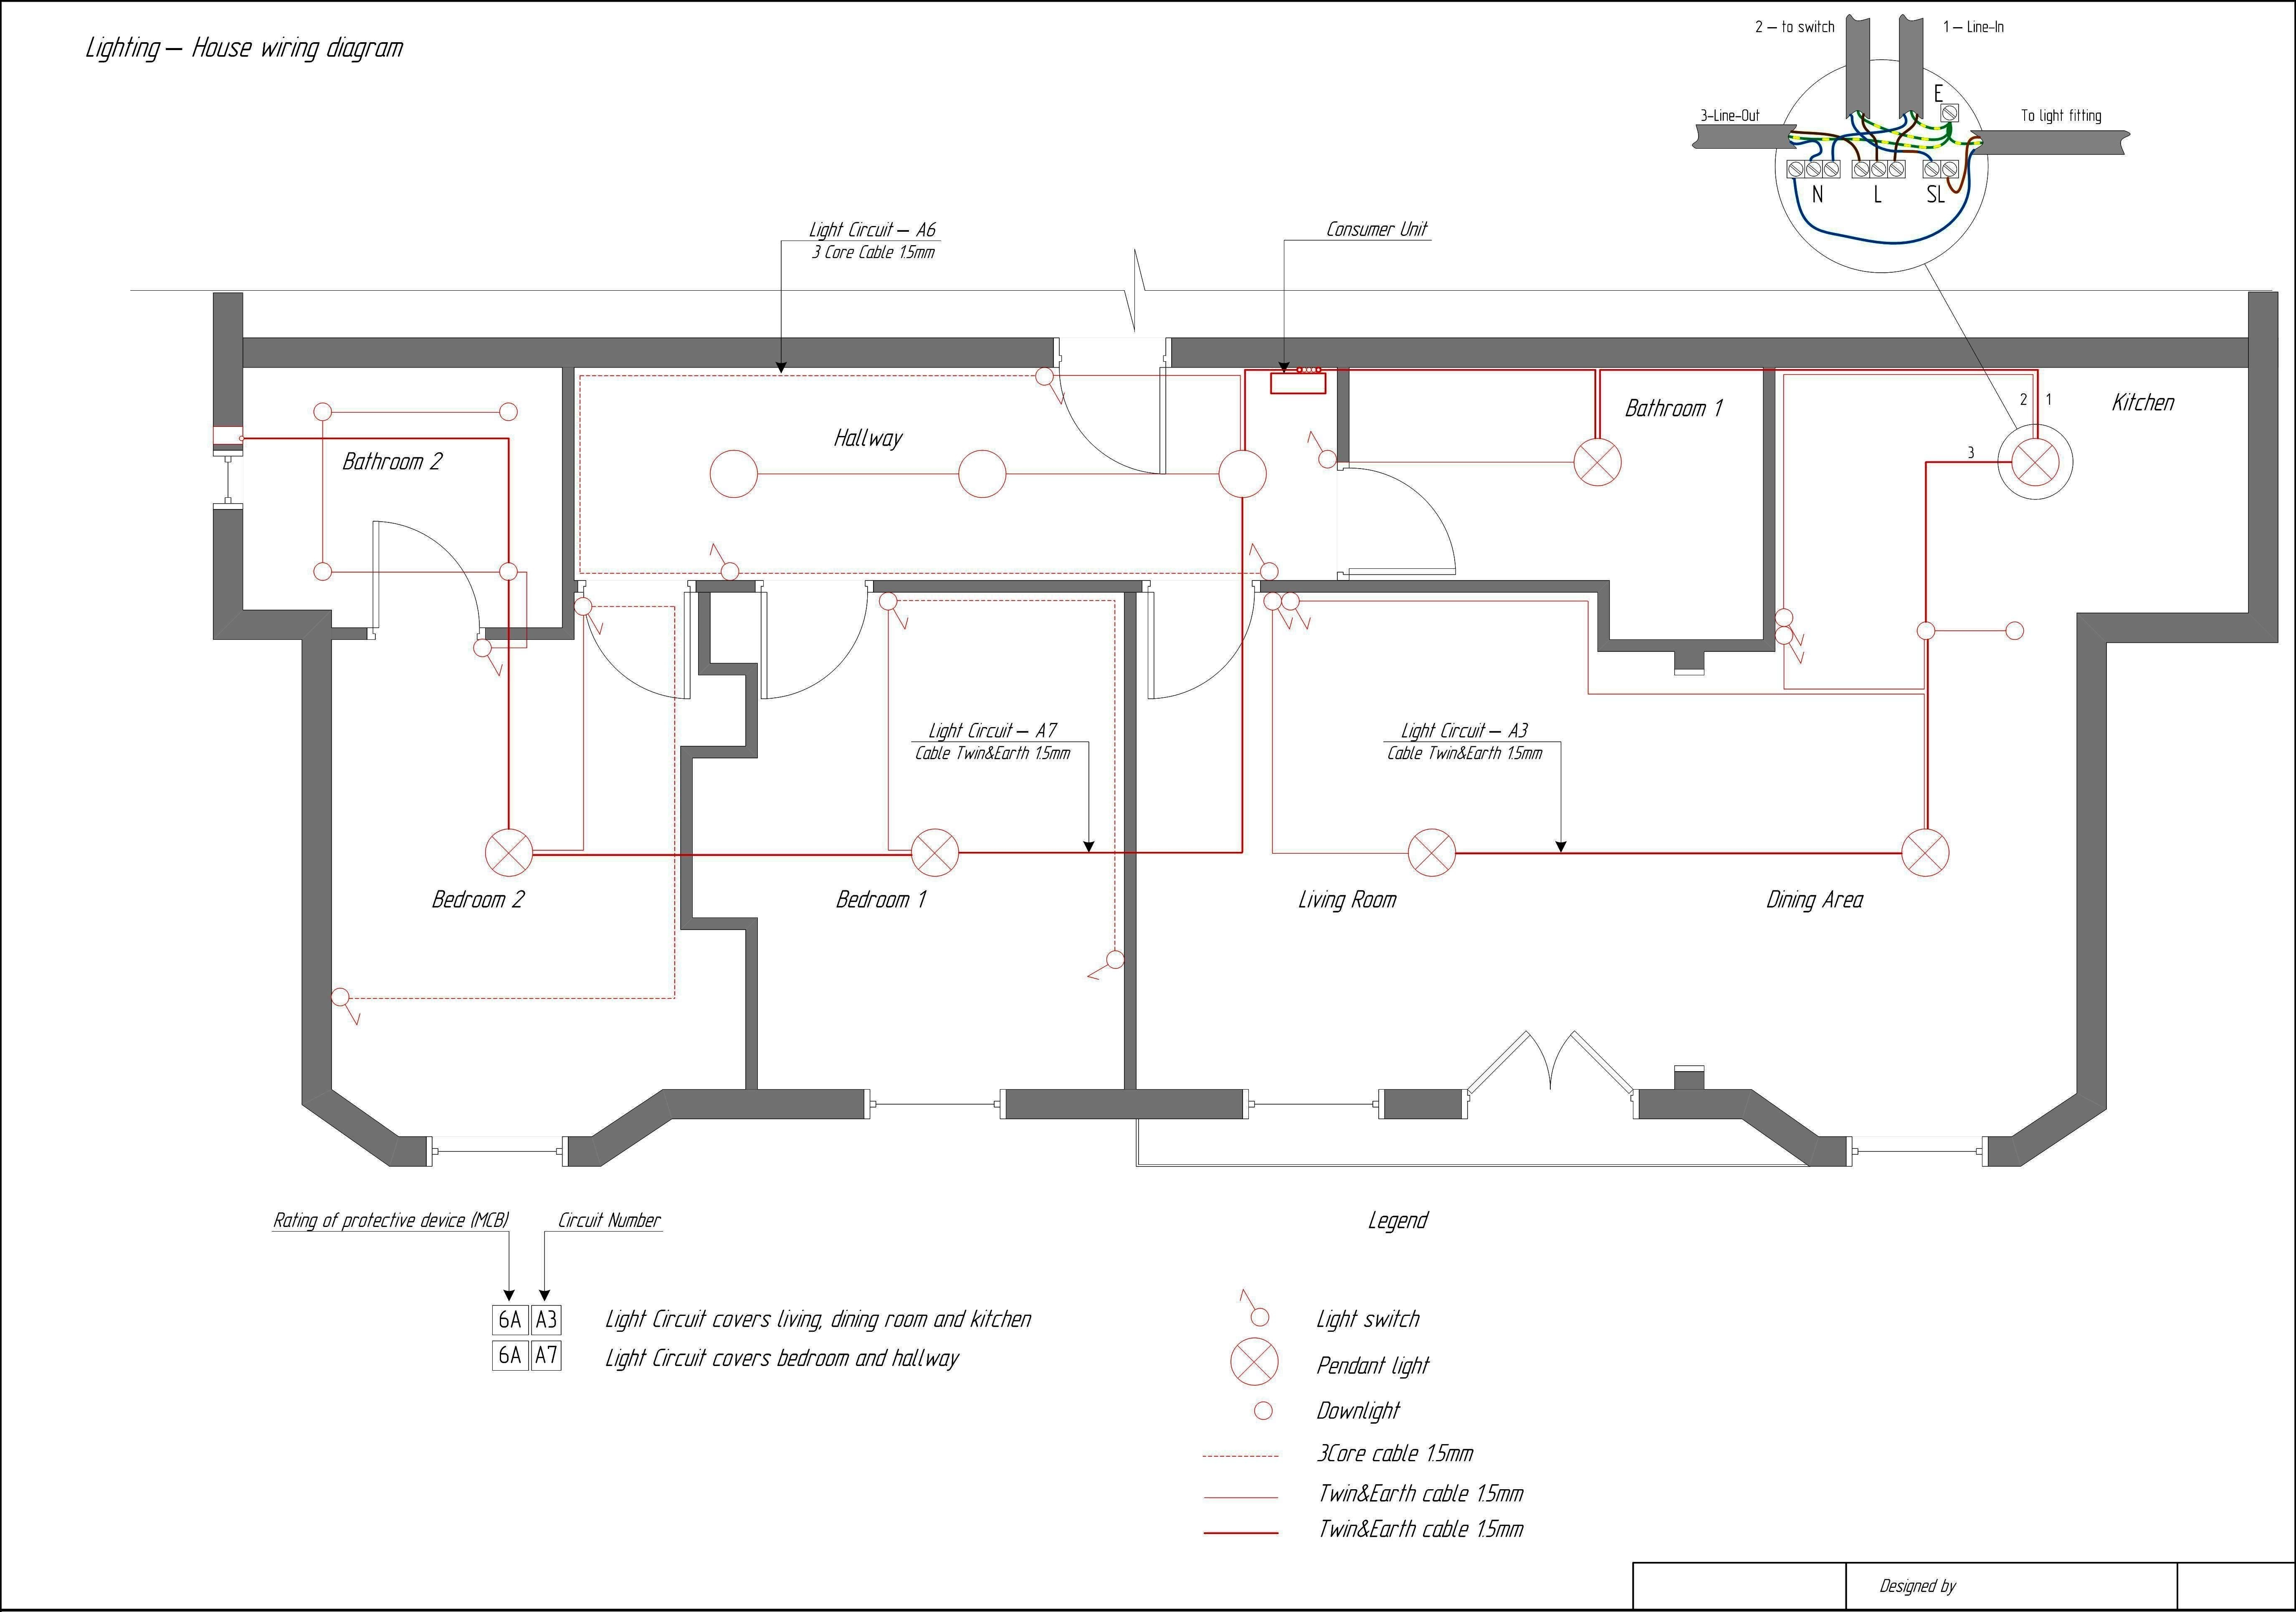 Electrical Wiring House Plan - Data Wiring Diagram Today - Kitchen Electrical Wiring Diagram